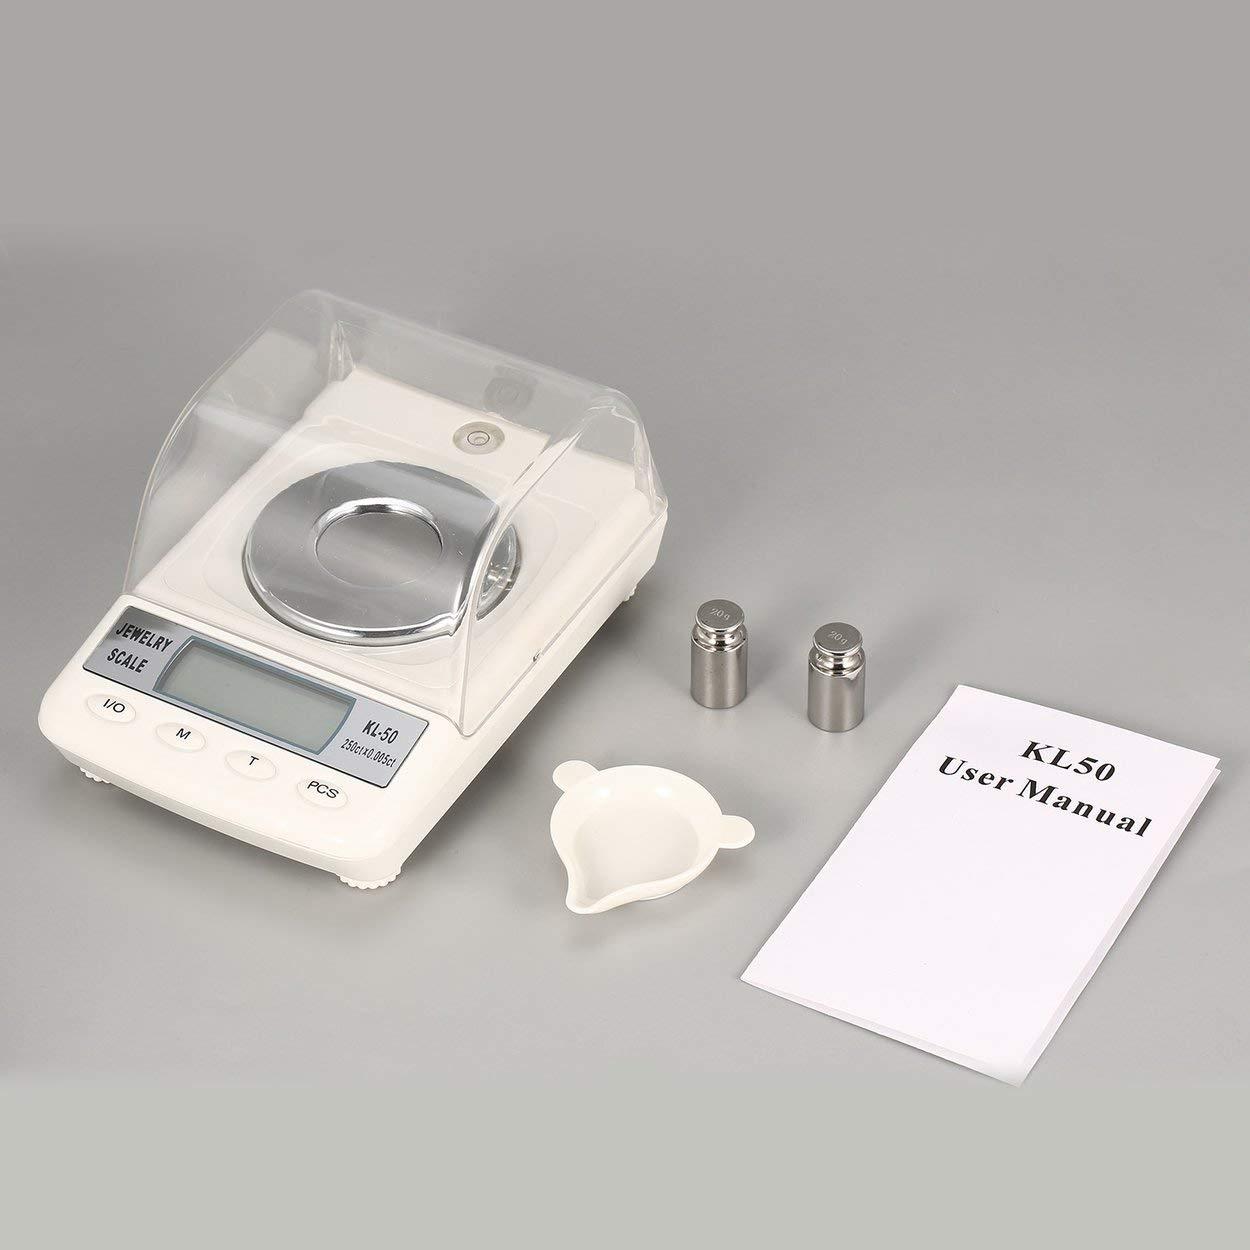 Lorenlli Fit KL-50 échelle de bijoux numérique haute précision 50g / 0.001g poids léger portable électronique diamant balance balance balance